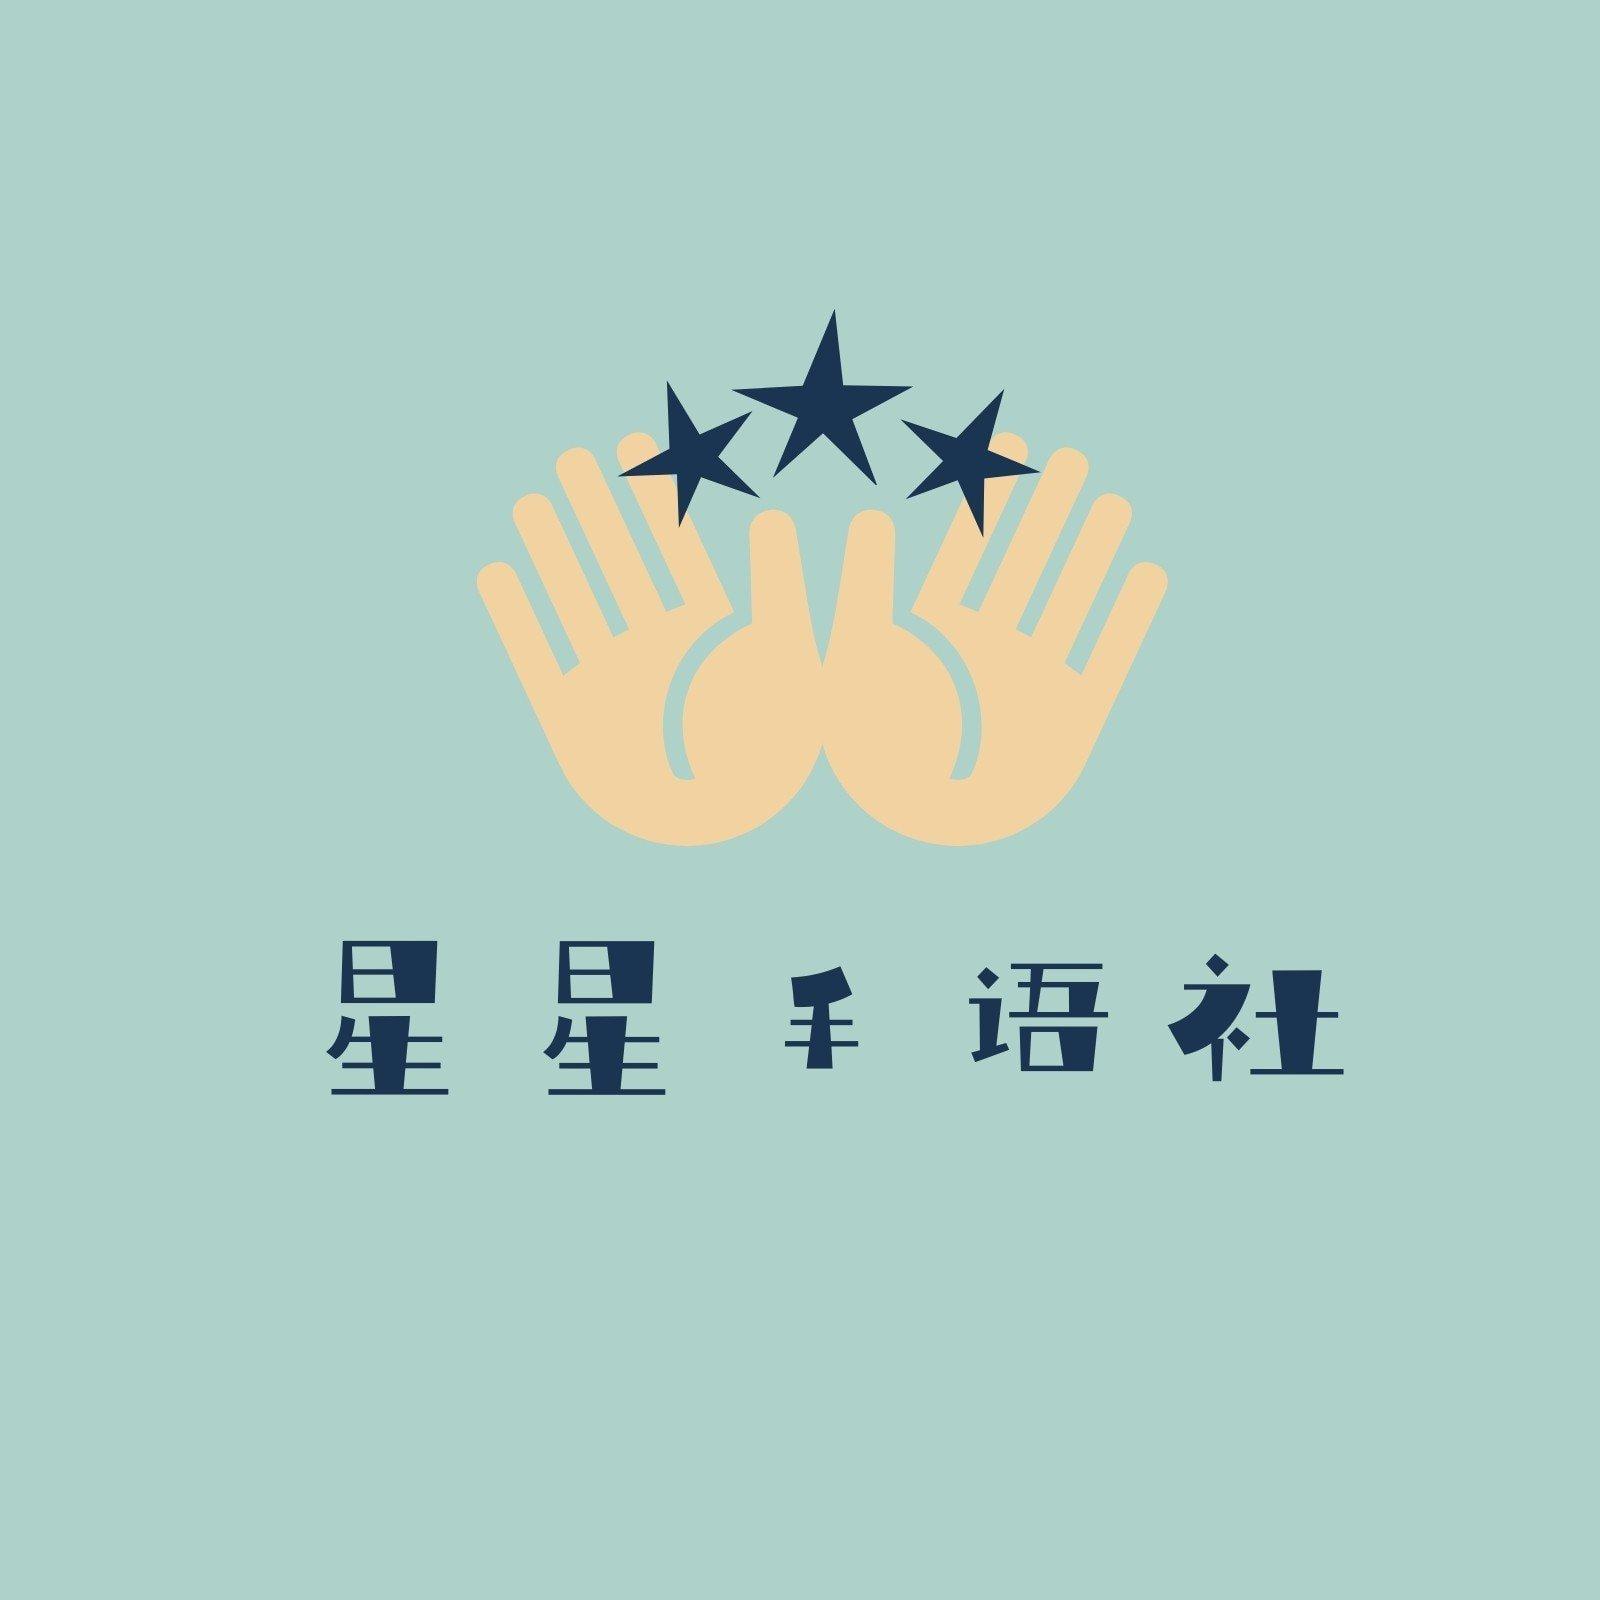 蓝绿色双手元素手语社团Logo